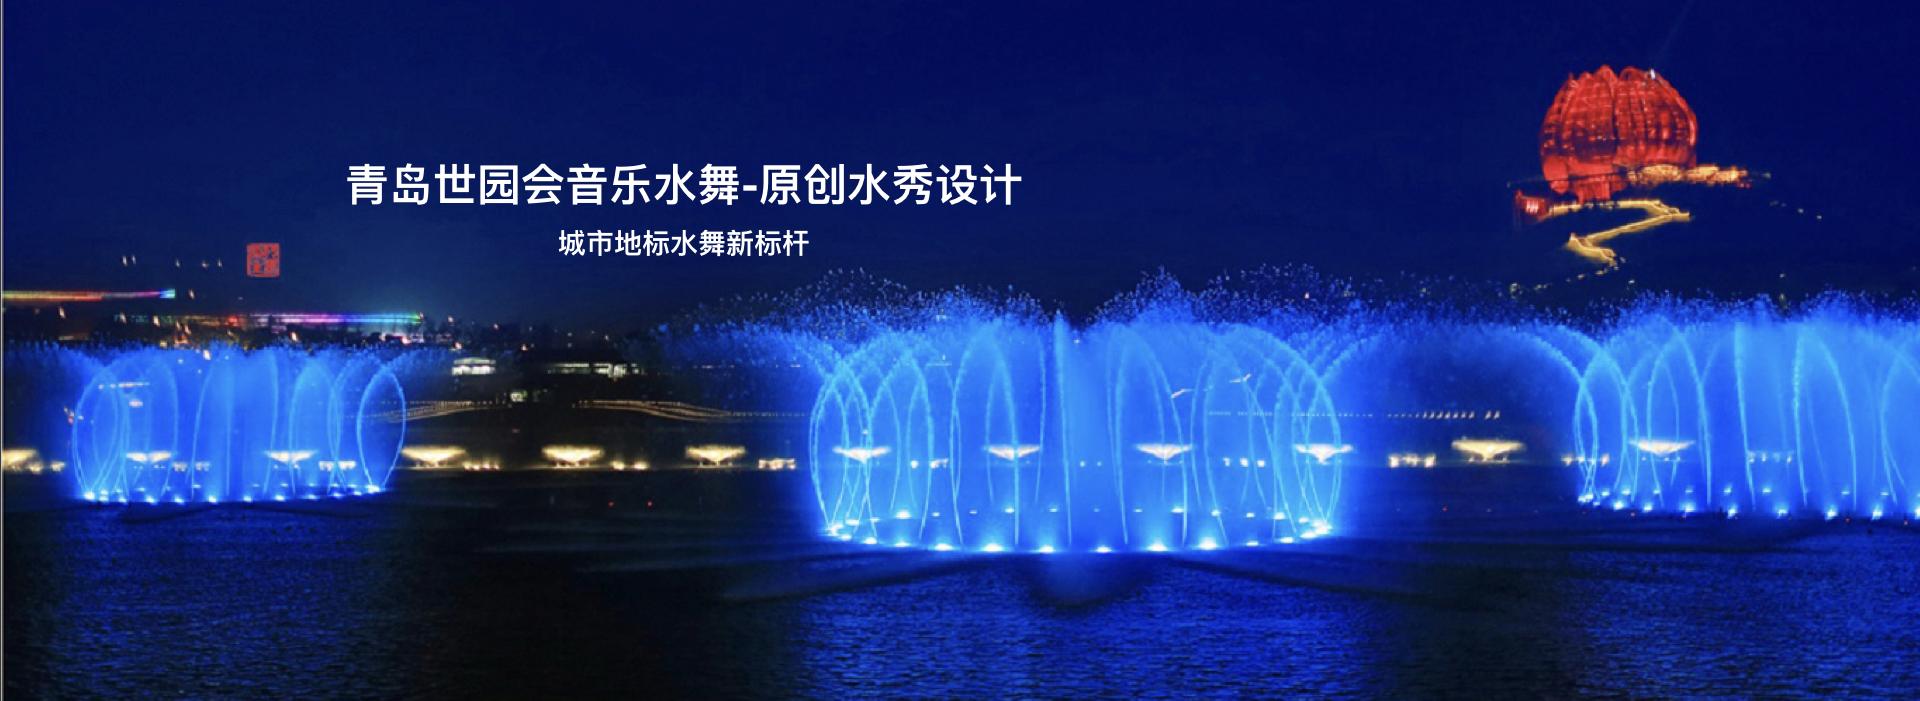 青岛世园会音乐水舞